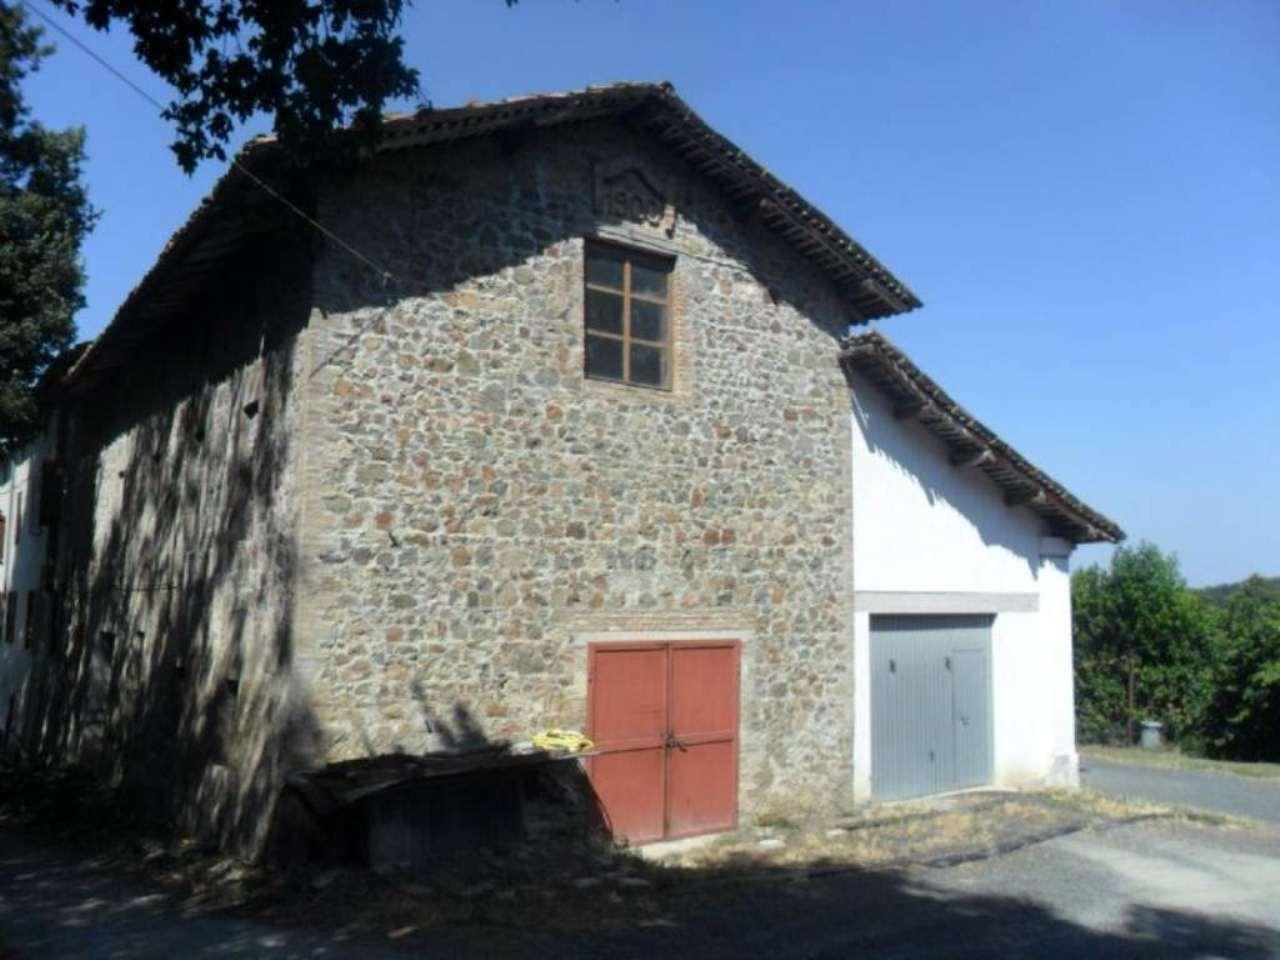 Rustico / Casale in vendita a Fornovo di Taro, 6 locali, prezzo € 105.000 | Cambio Casa.it